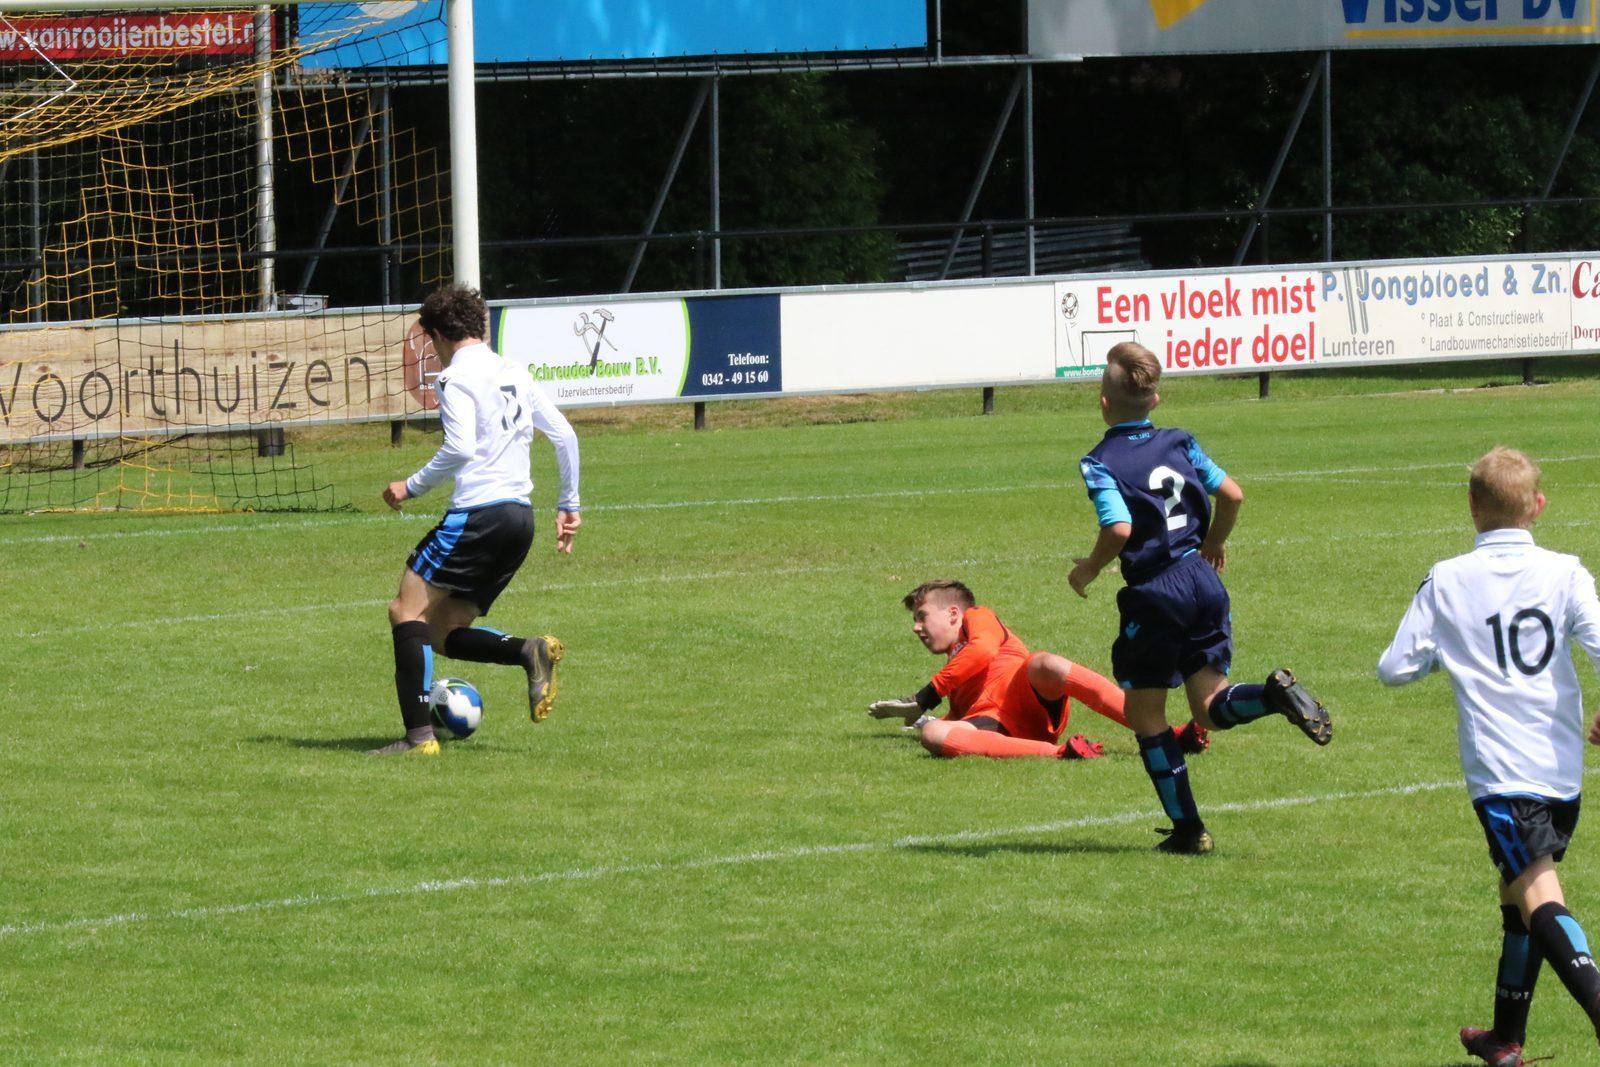 Das TopParken-U14-Fußballturnier war ein voller Erfolg!